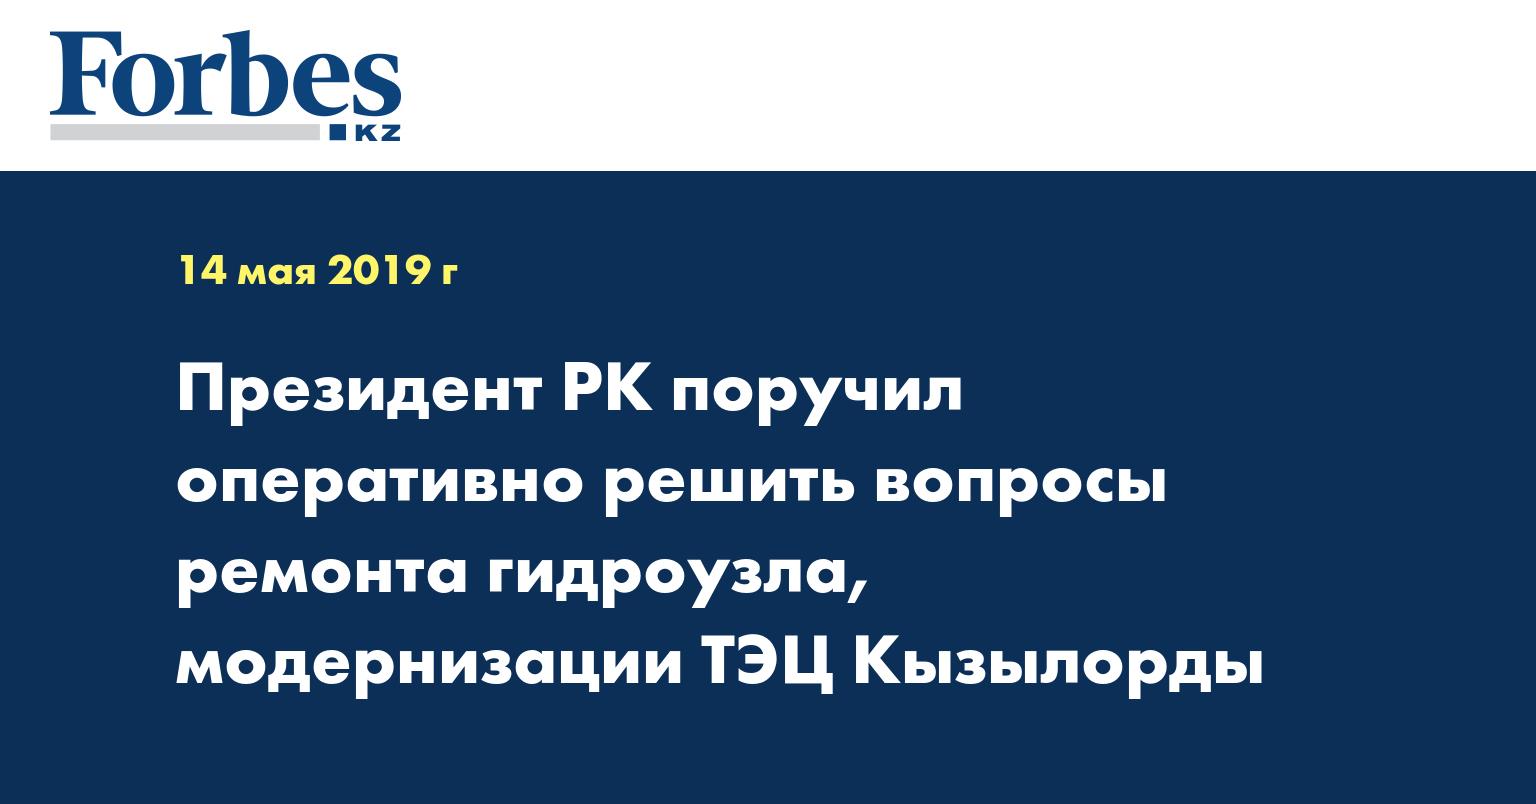 Президент РК поручил оперативно решить вопросы ремонта гидроузла, модернизации ТЭЦ Кызылорды